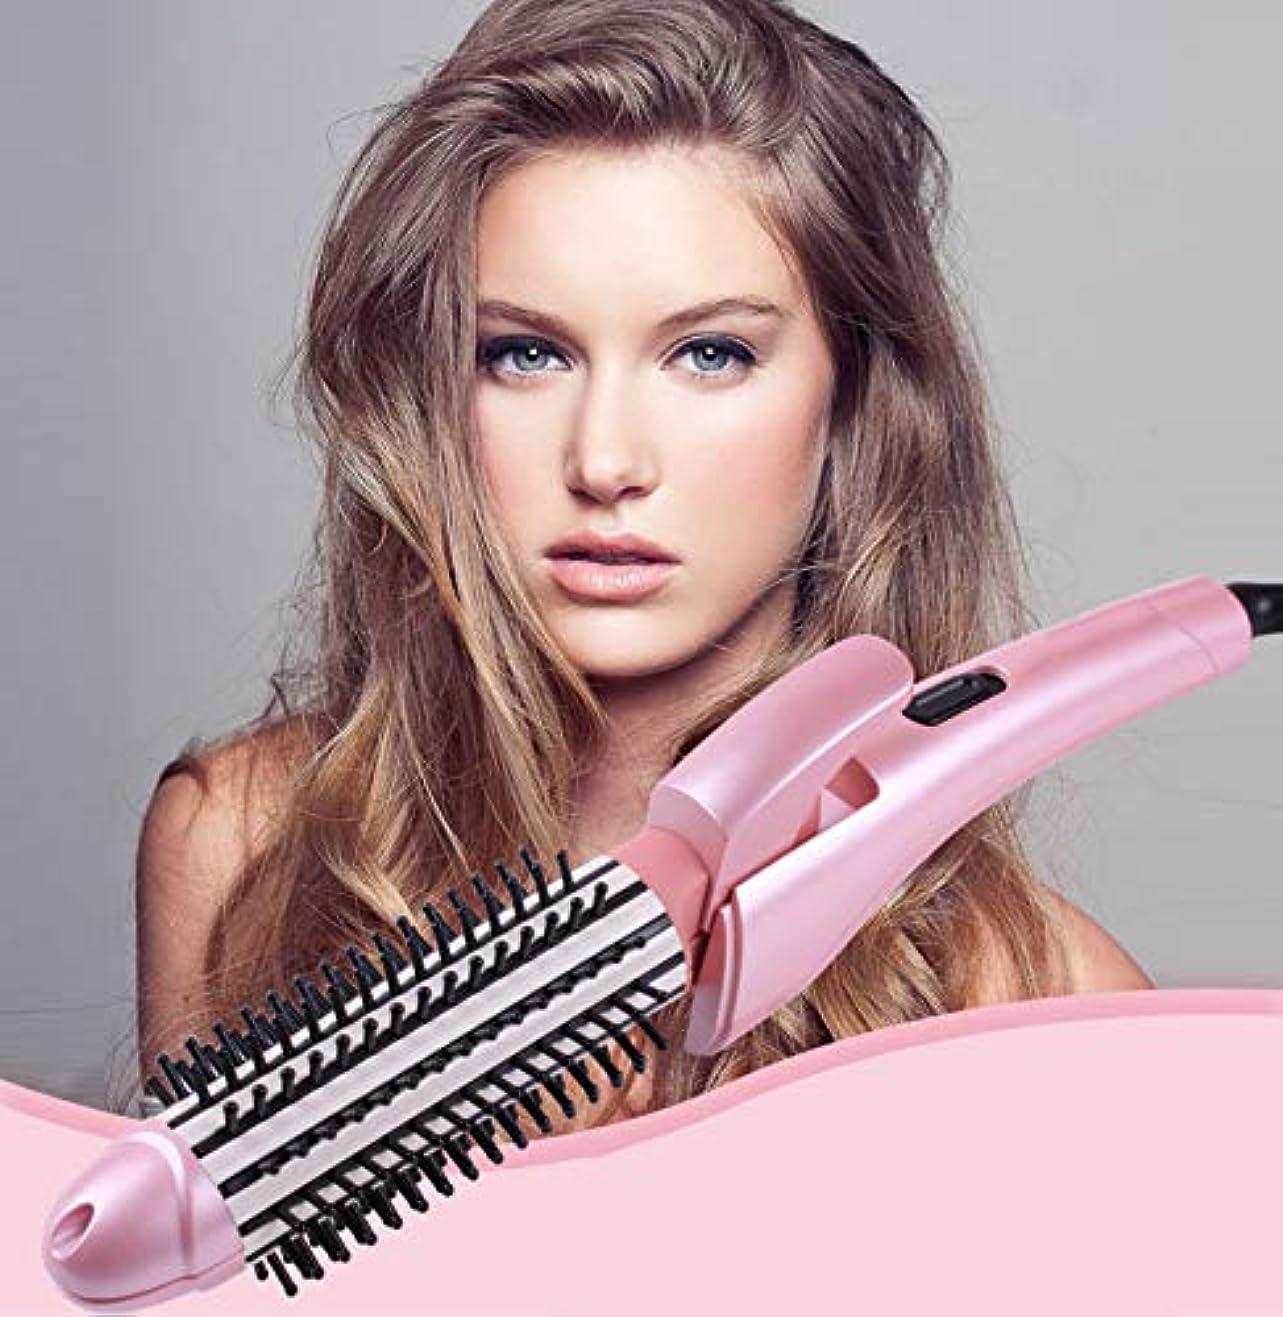 郵便番号協定ナプキン折りたたみ調整ミニポータブルベルト2 in 1巻き毛くしストレートヘアスティック(ピンク)